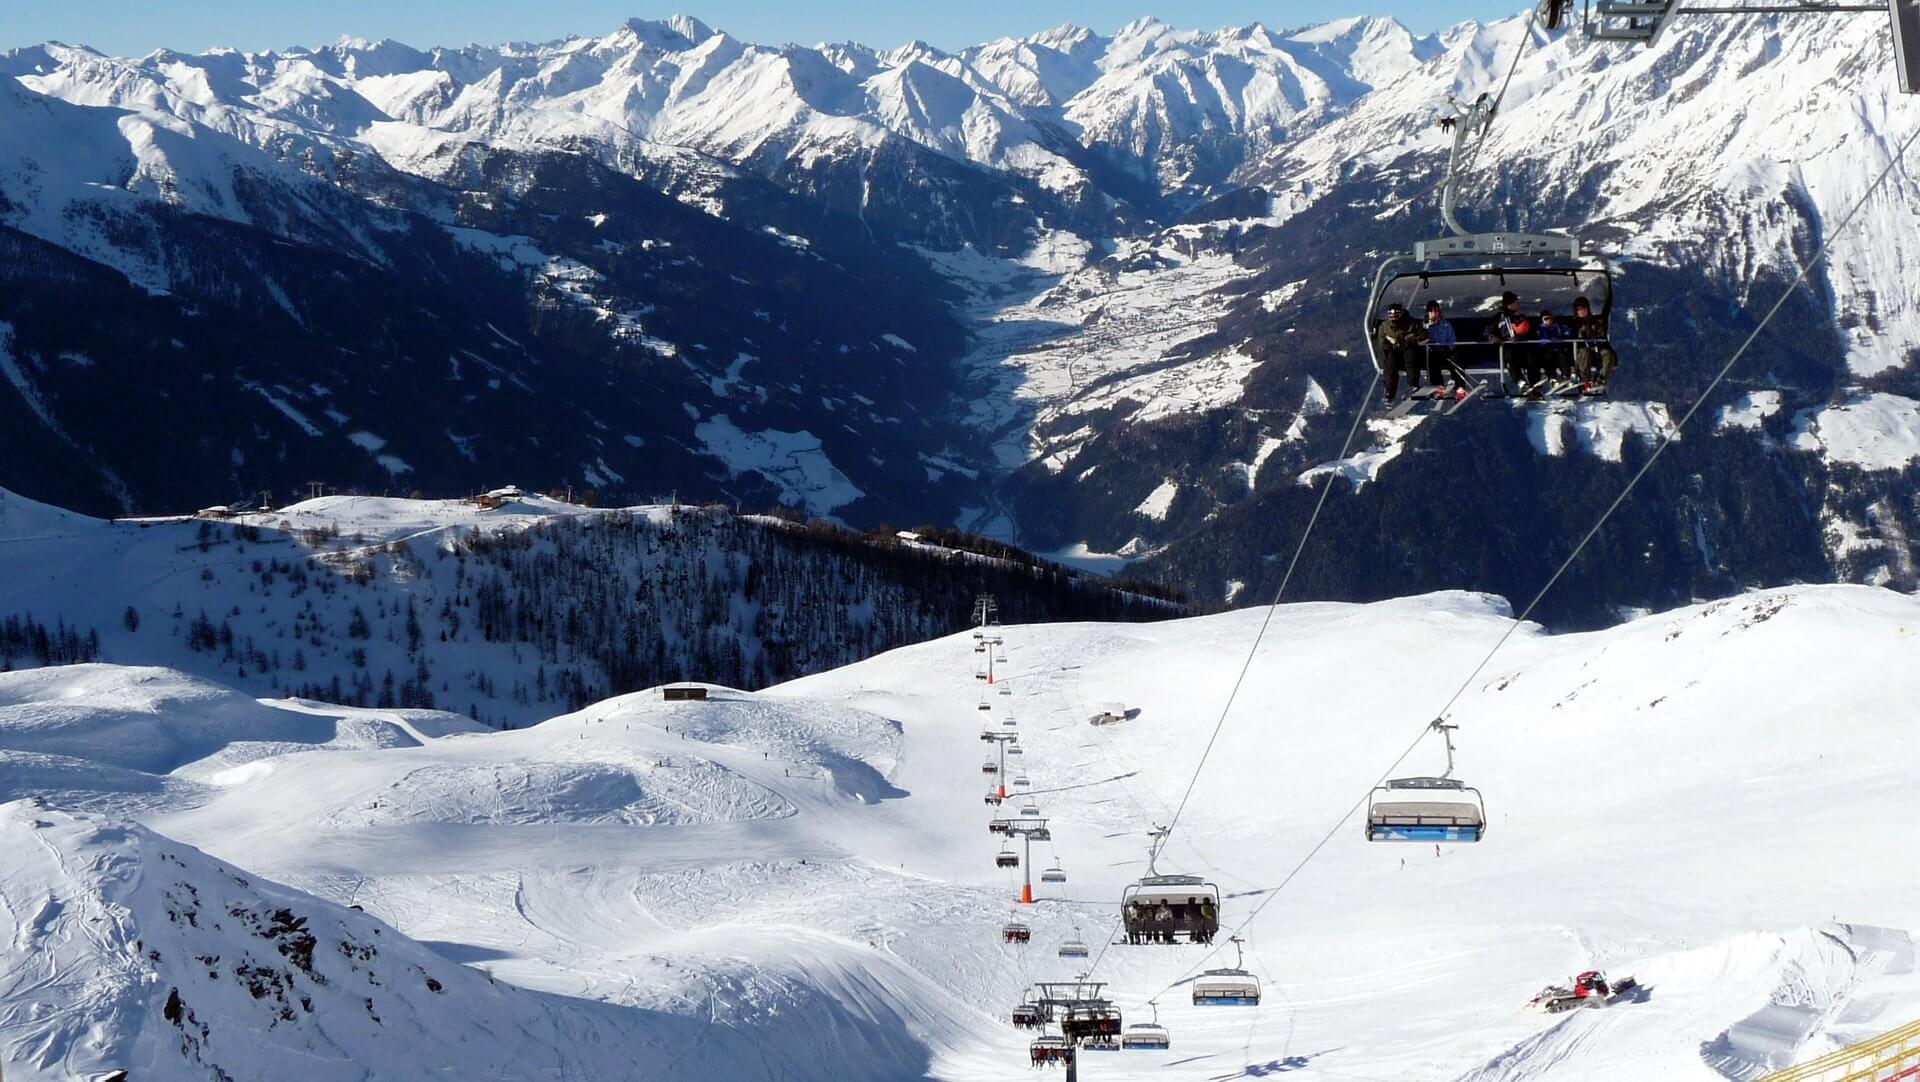 Skigebiete in Osttirol - Grossglockner Resort Kals-Matrei  | Foto Köffler